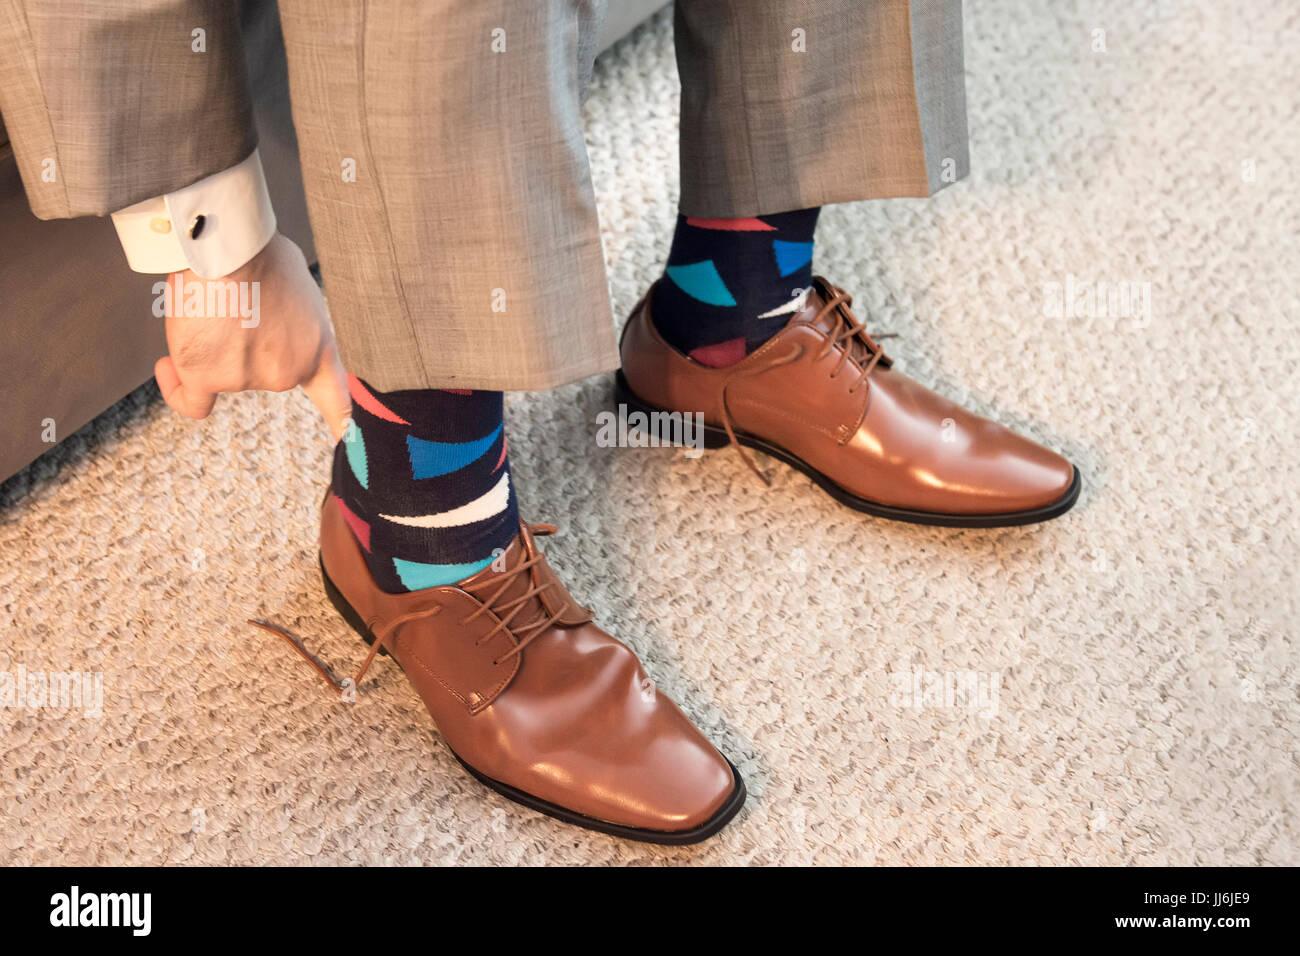 fff7d8d4edce scarpe con calzino colorate